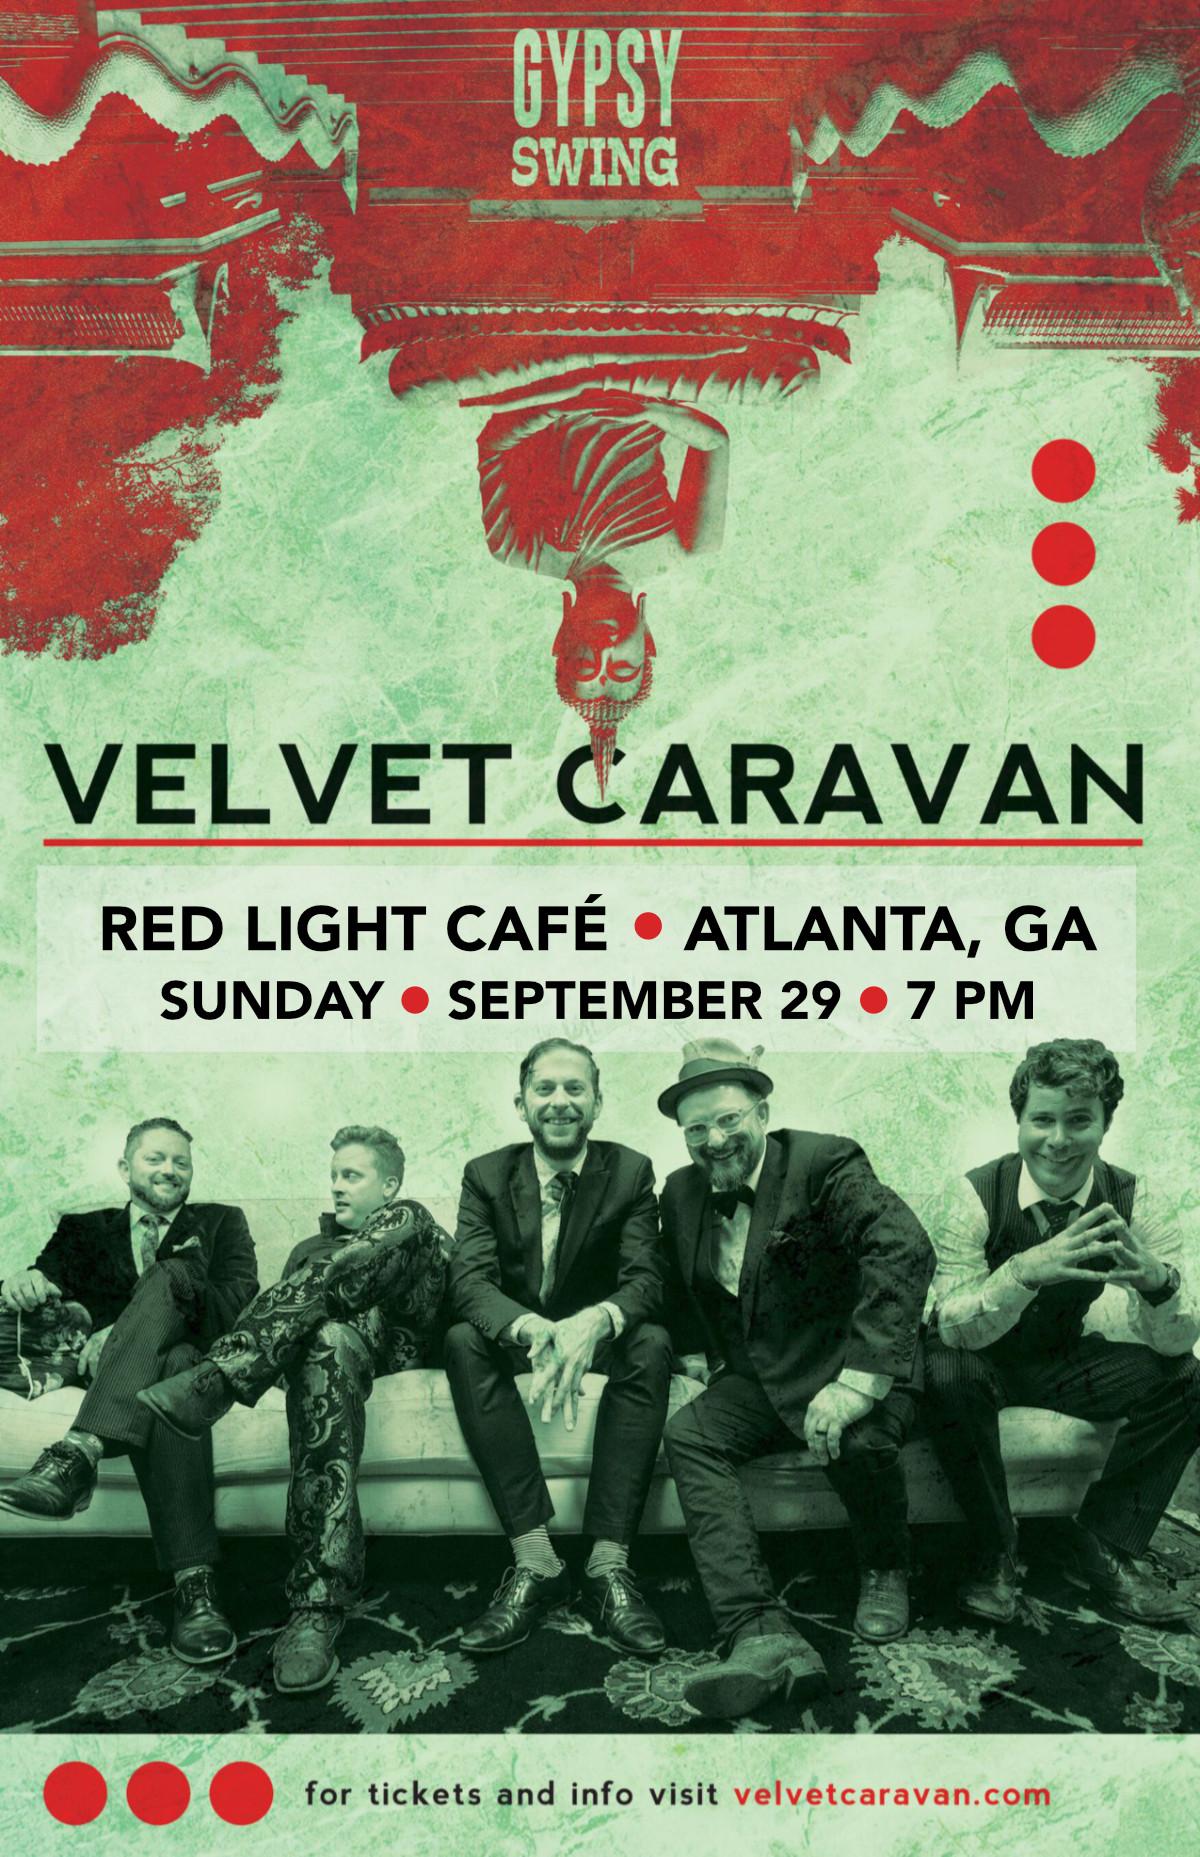 Velvet Caravan: A Sunday Evening of Gypsy Swing — September 29, 2019 — Red Light Café, Atlanta, GA